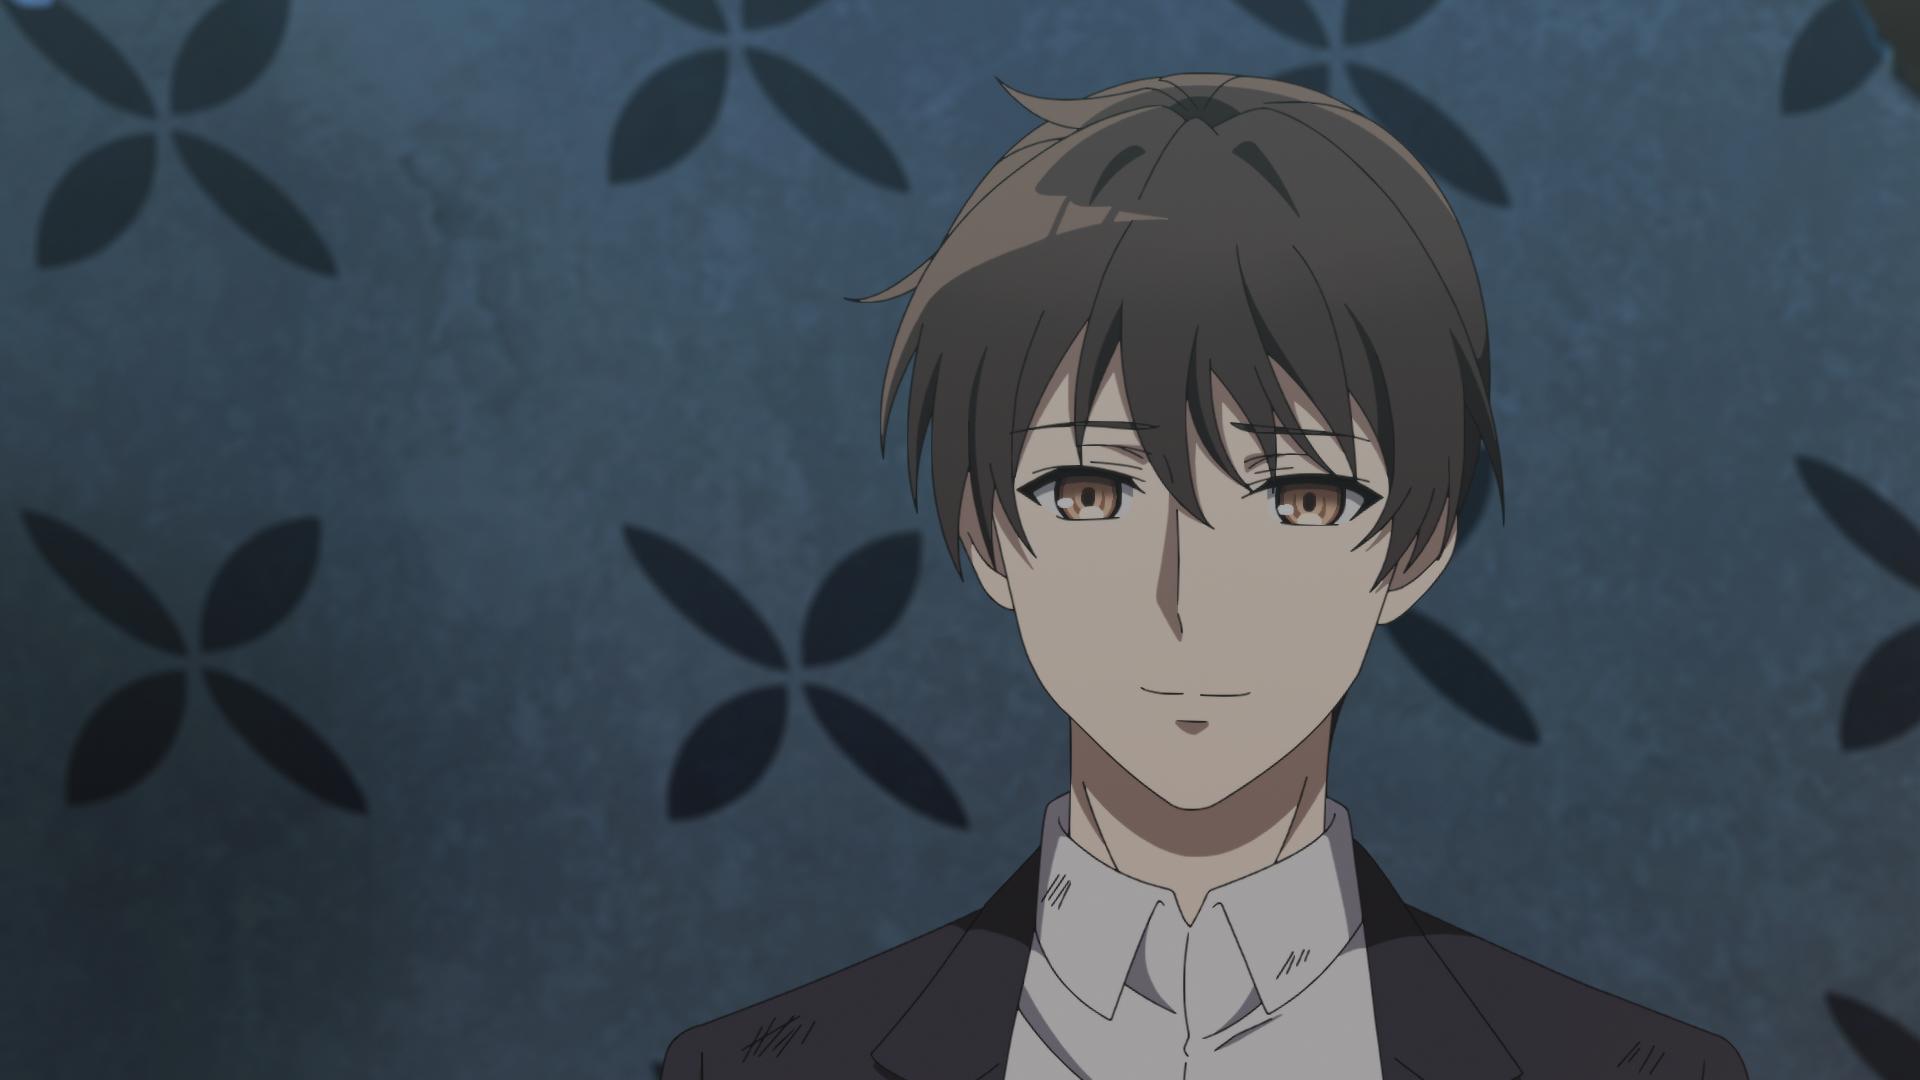 """Captura de tela do episódio 12 de """"The Detective is Already Dead"""", mostrando Kimihiko"""